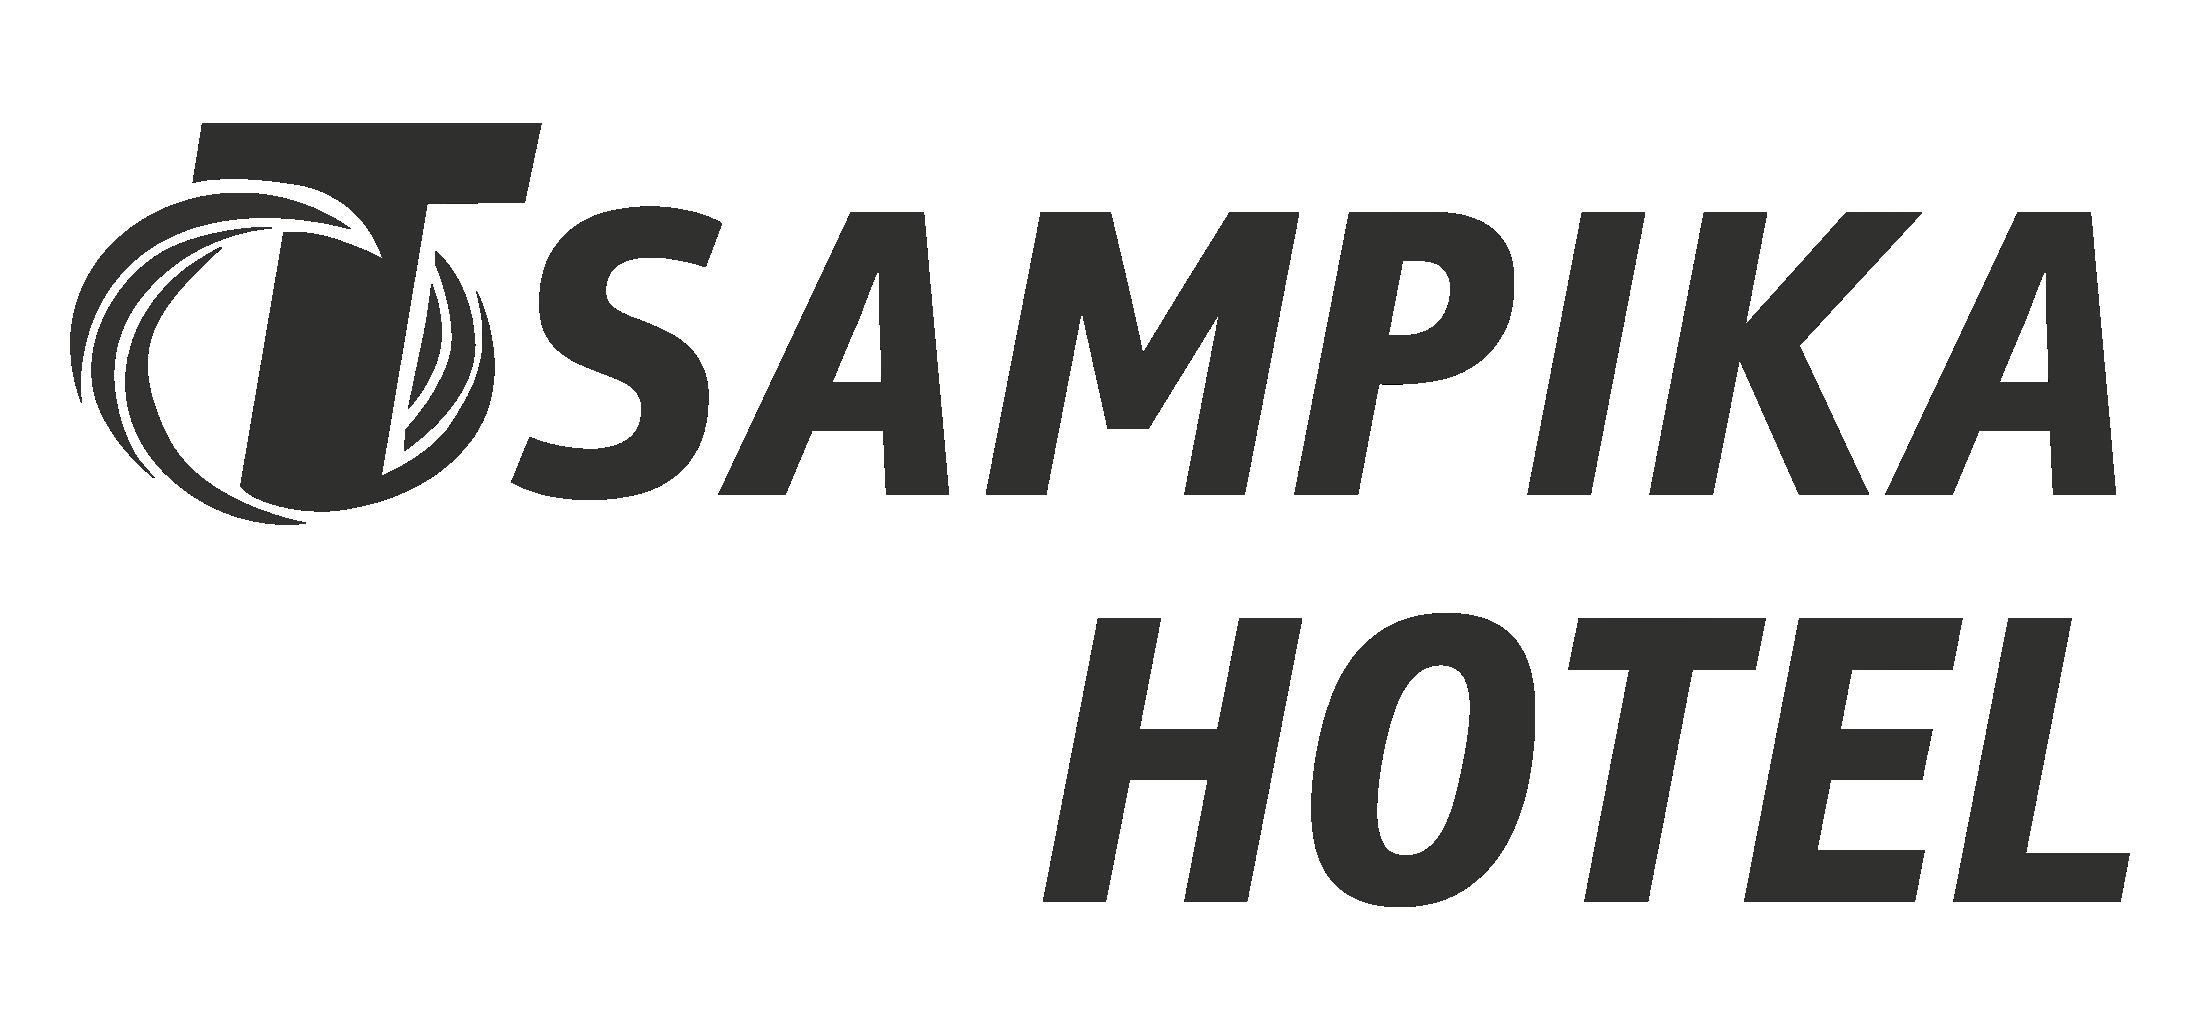 Tsampika Hotel in Faliraki, Rhodes